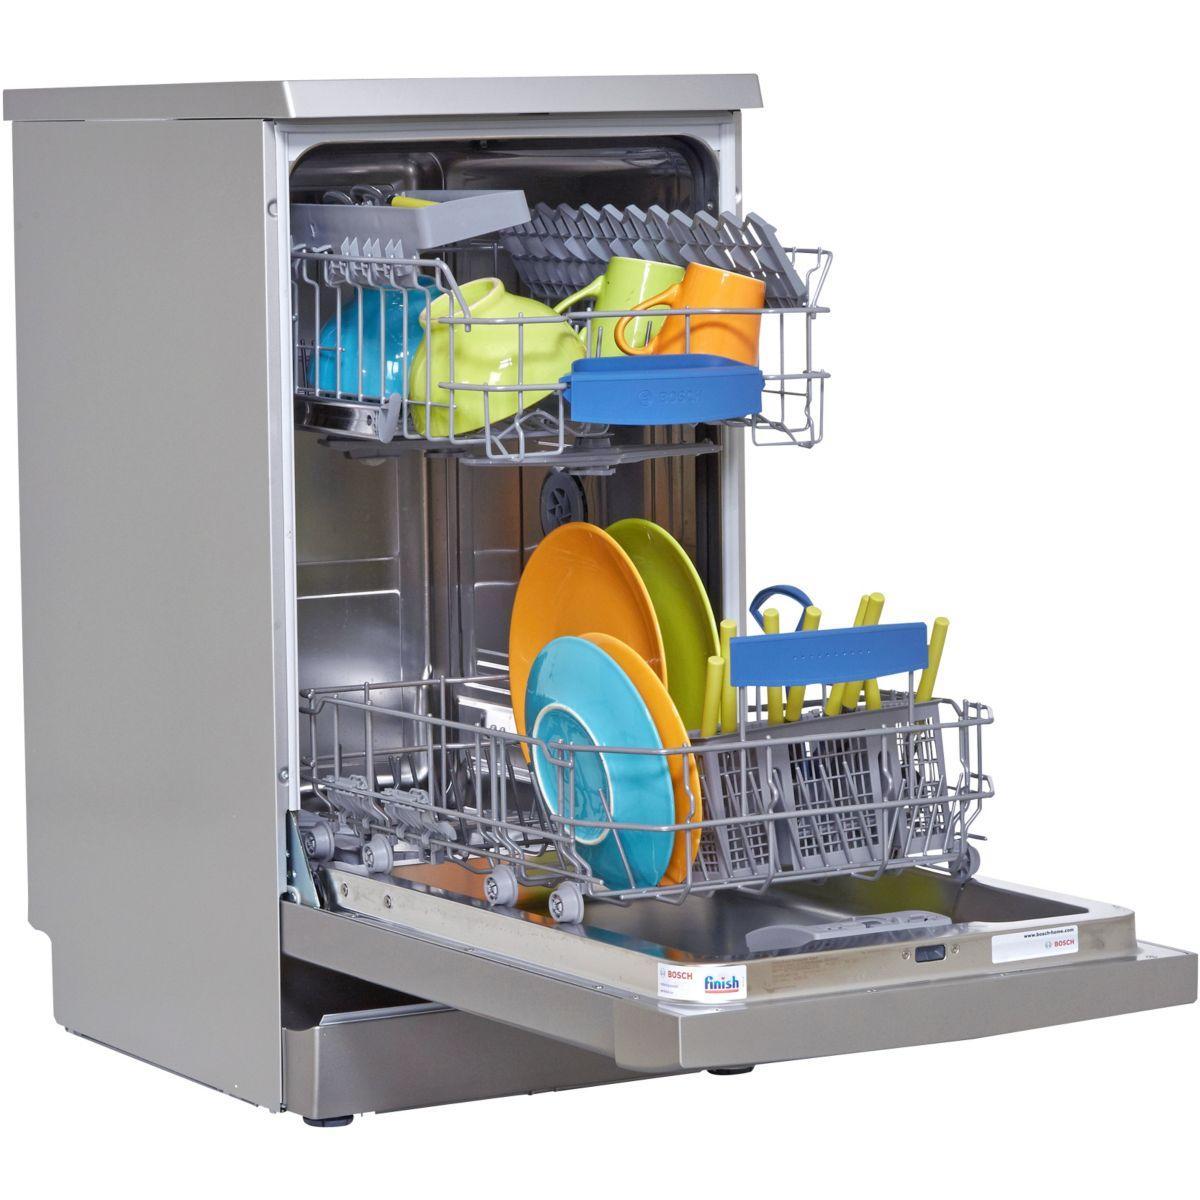 Lave-vaisselle encastrable BOSCH EX SPS53M98EU - 9 couverts